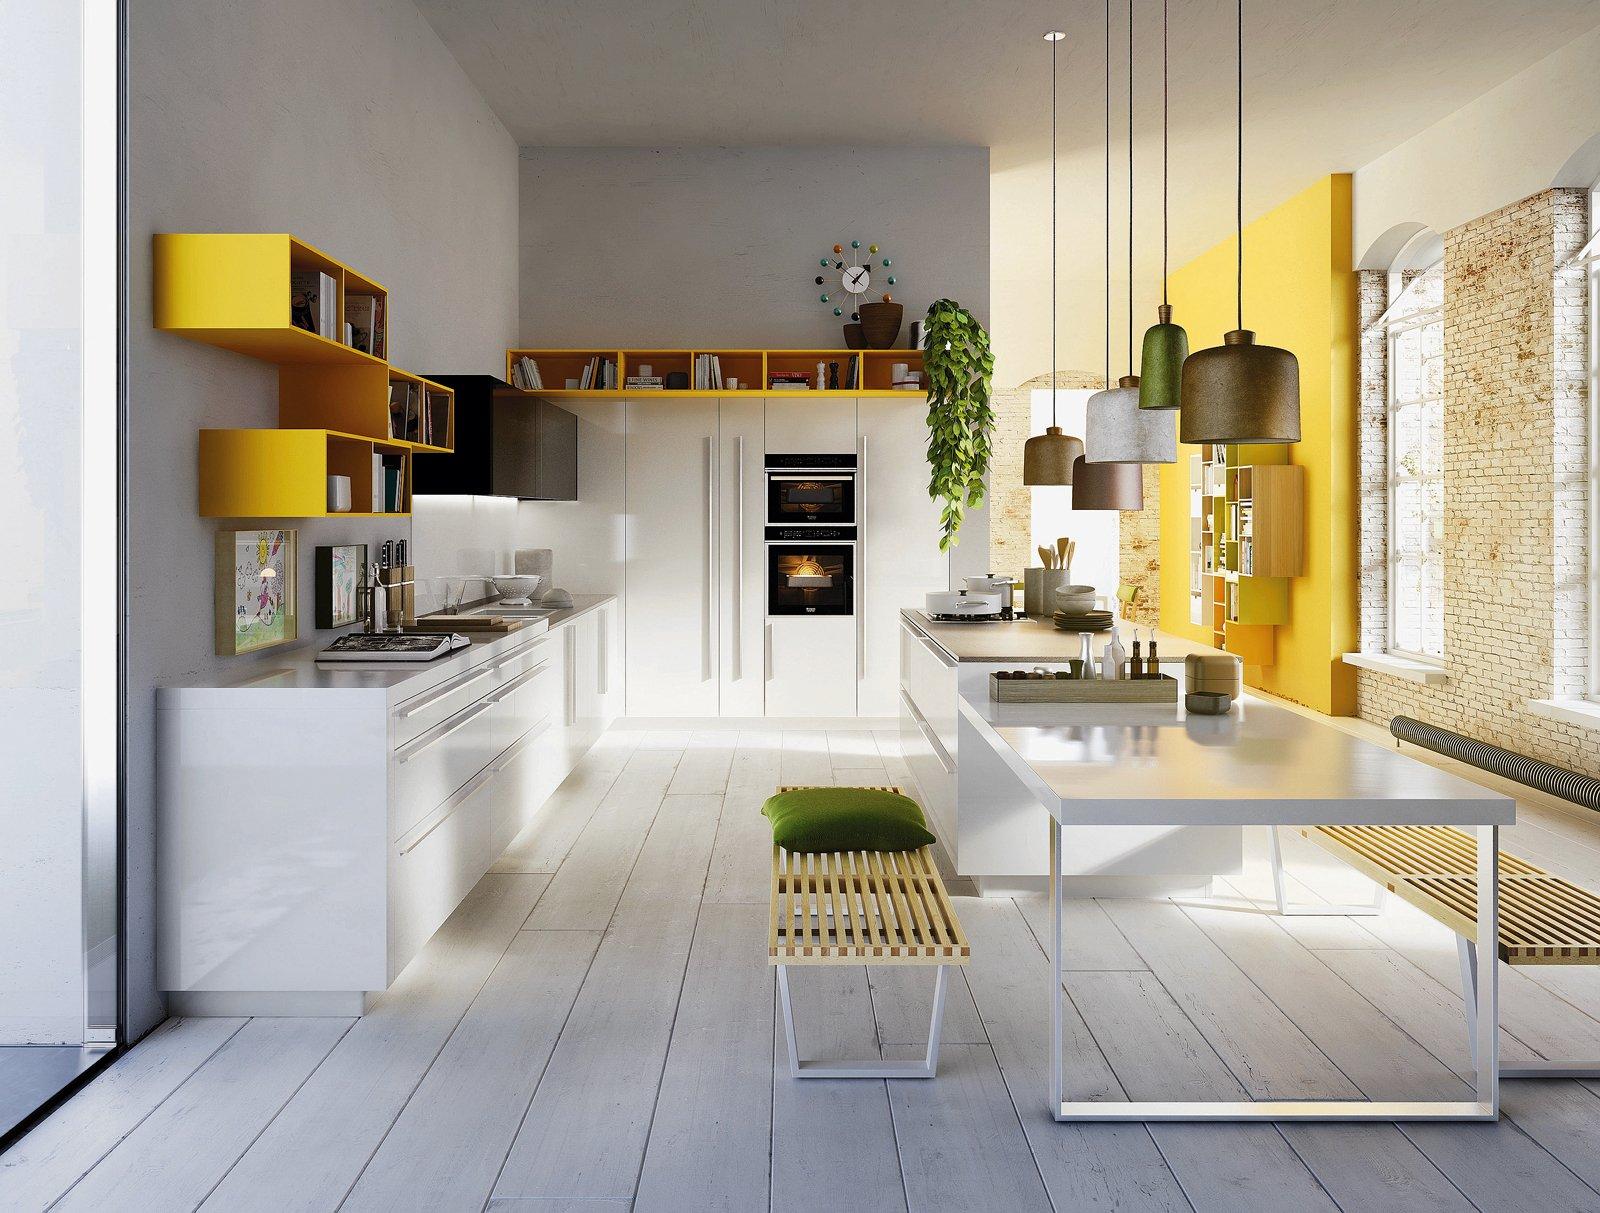 La cucina colorata, un guizzo di vitalità per arredare ...